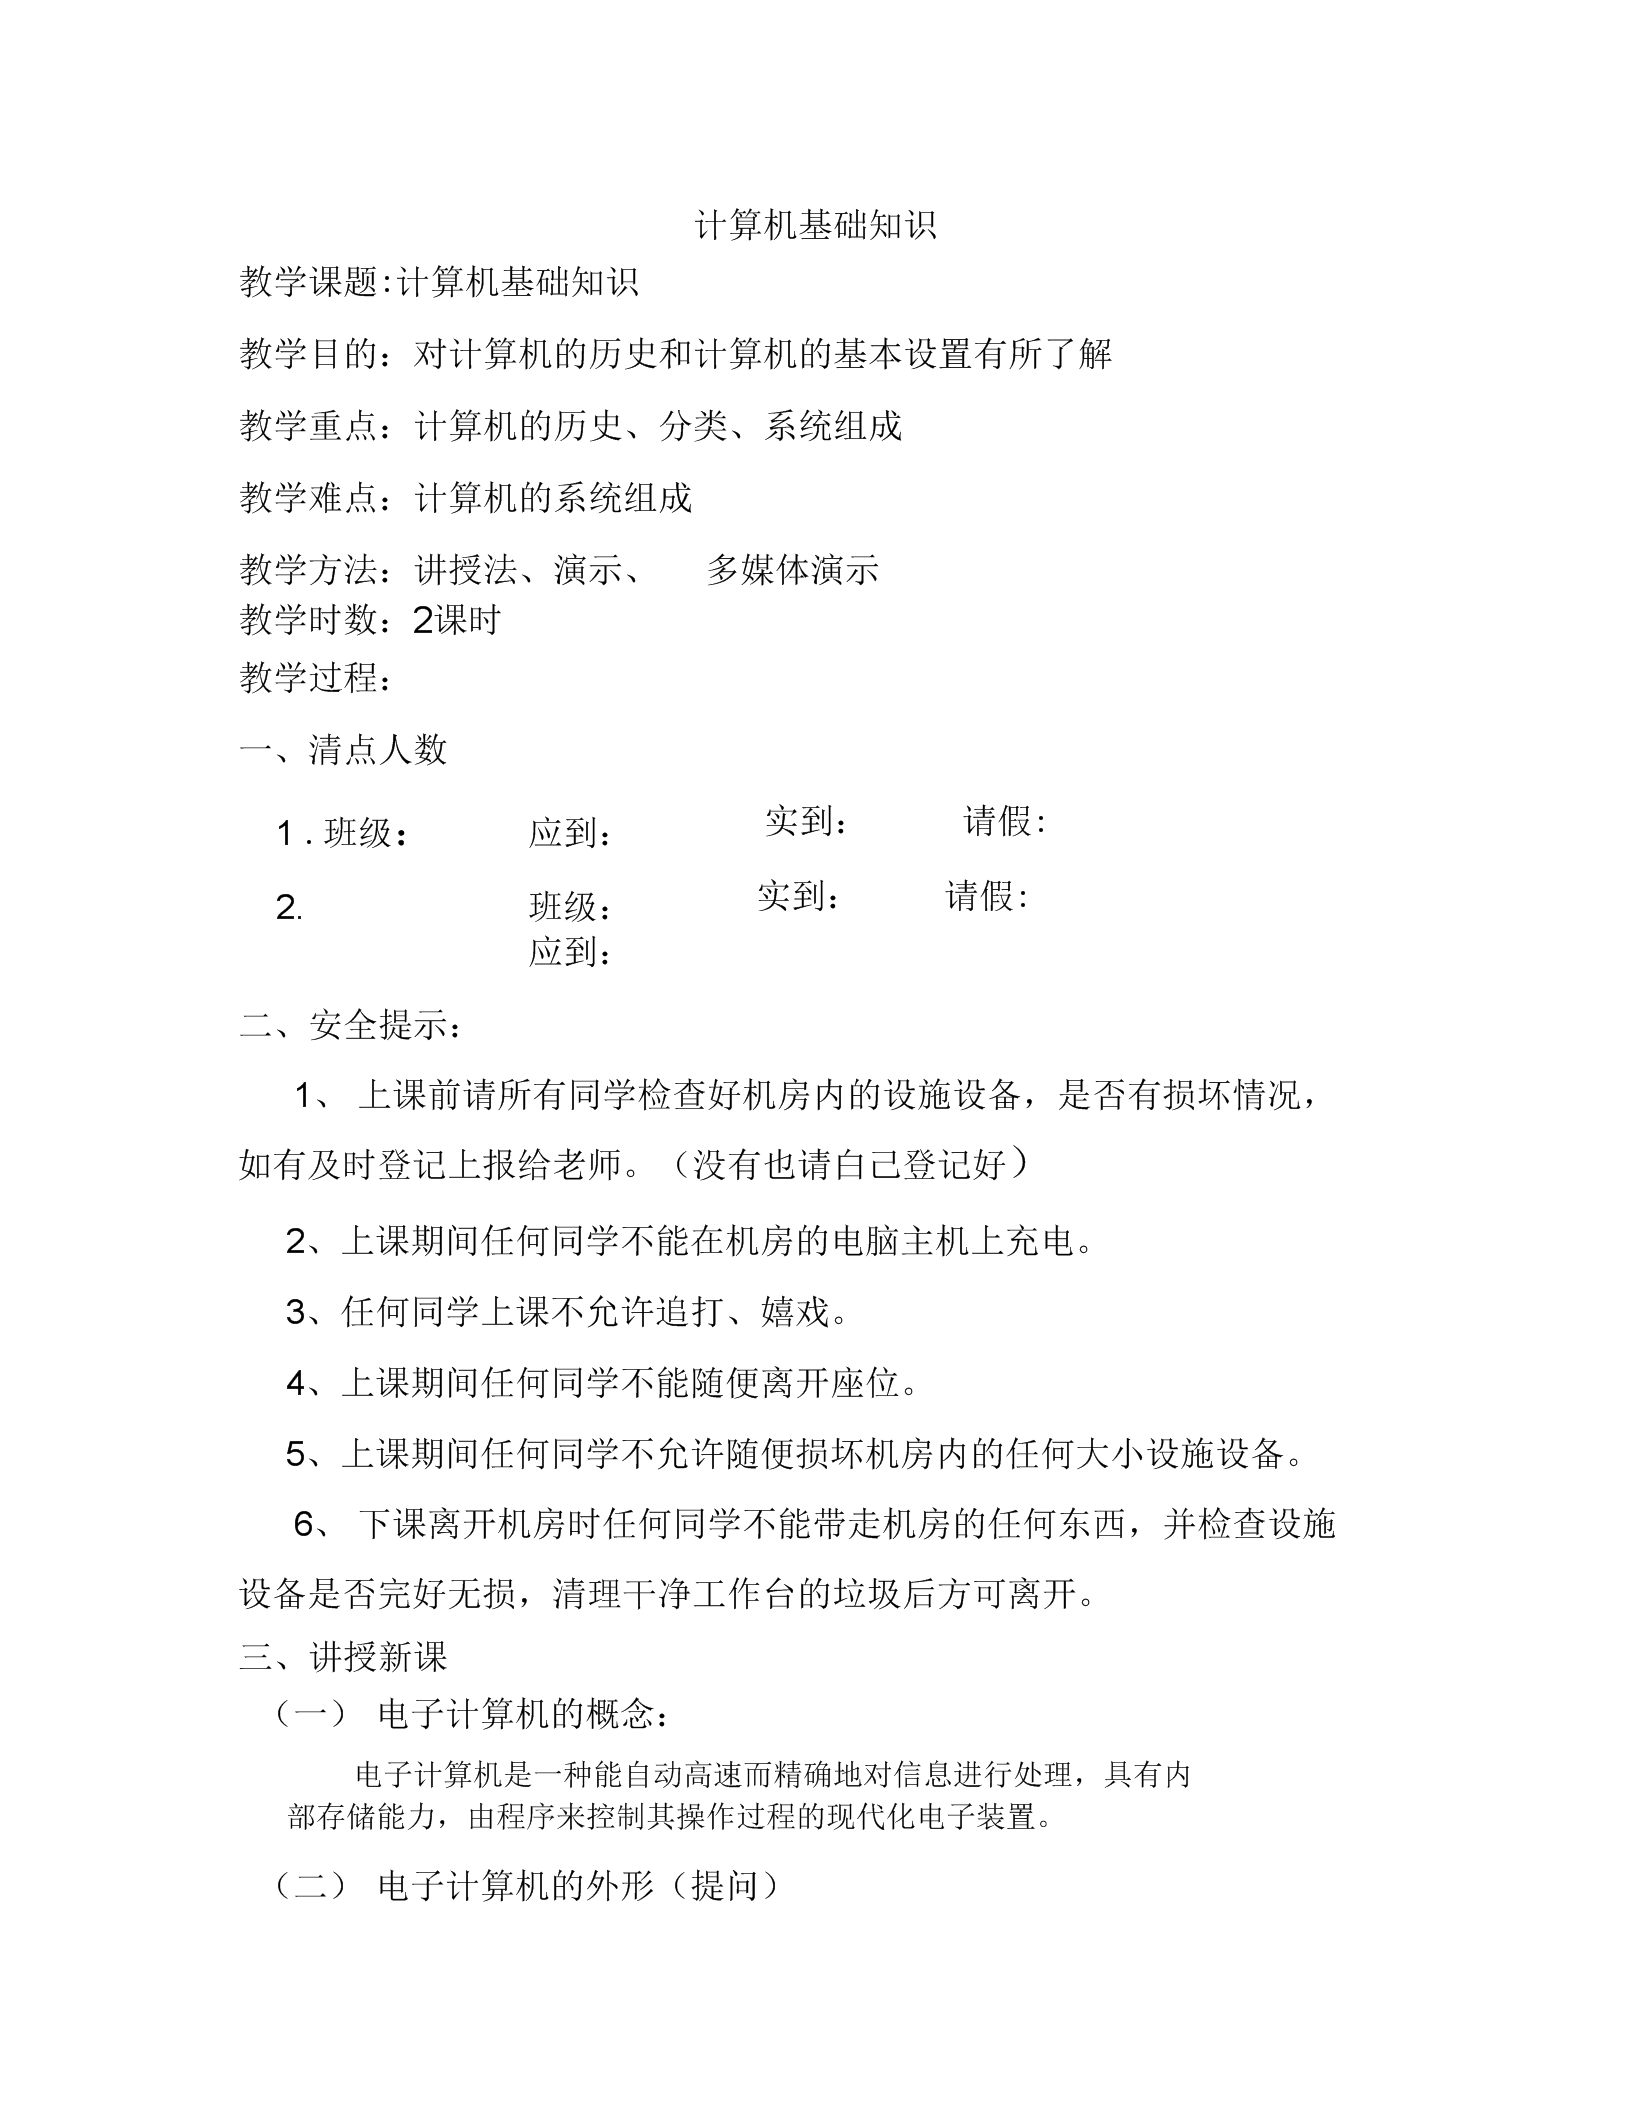 计算机基础教案(计算机基础知识).docx